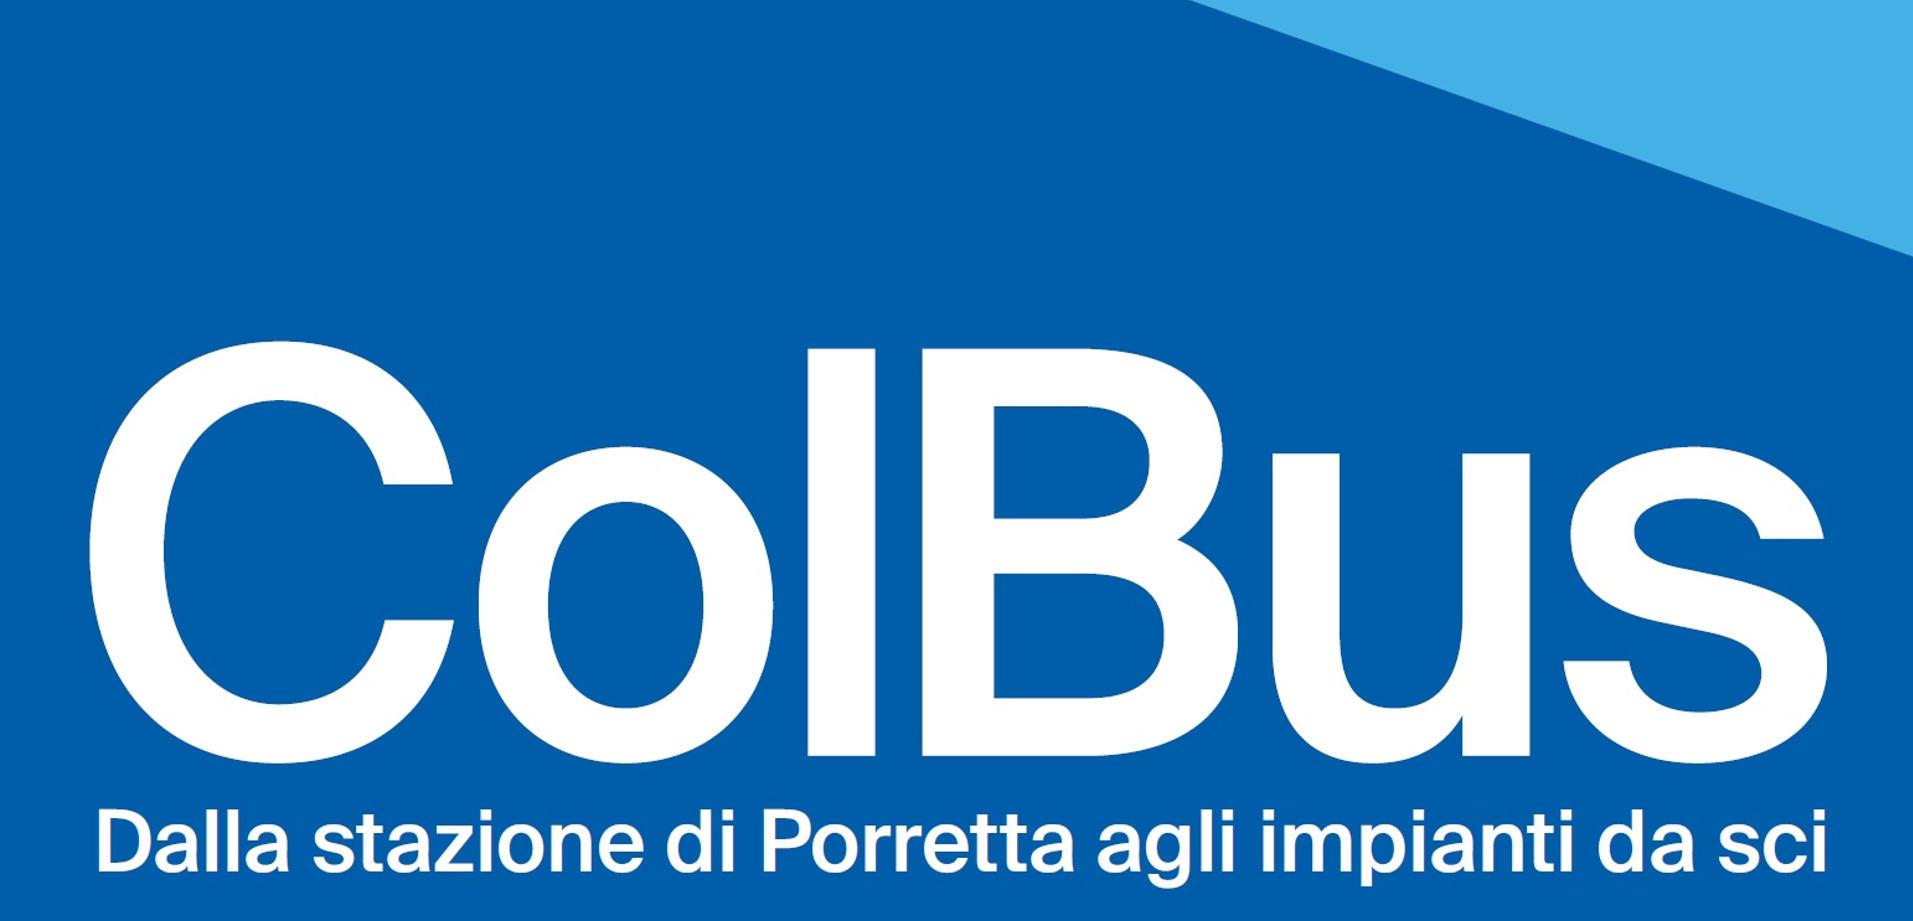 Logo col Bus